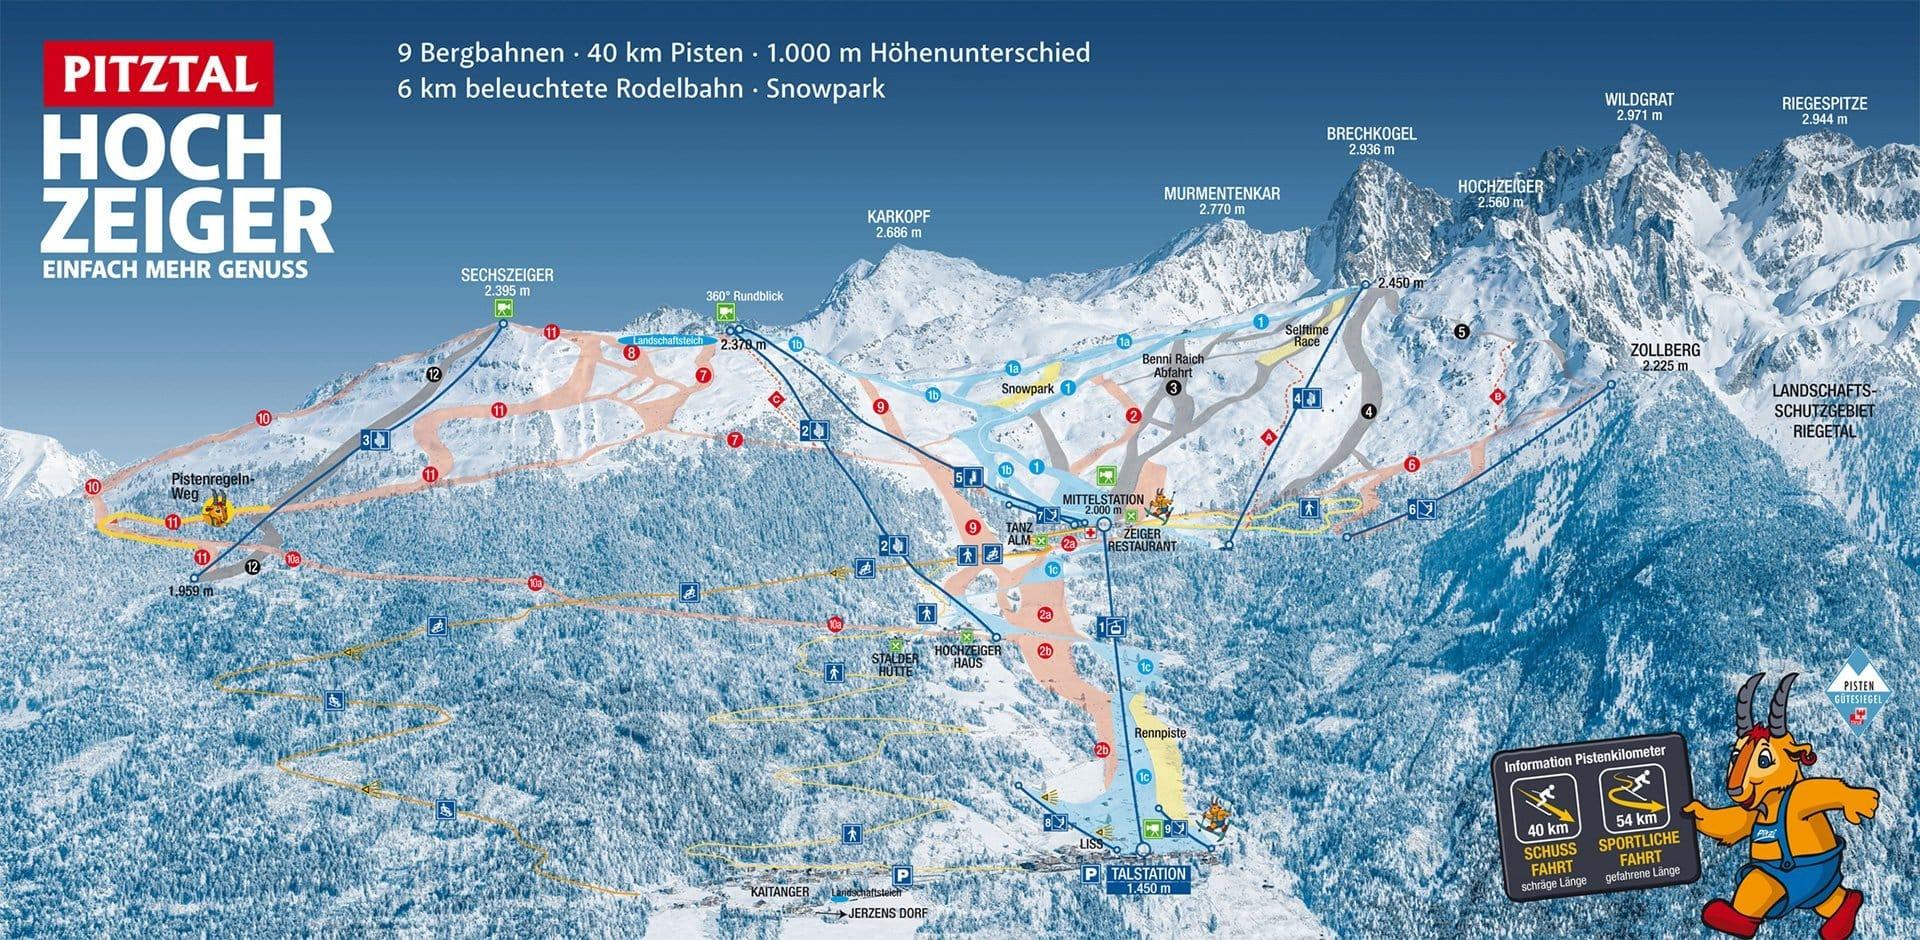 hochzeiger_pistenplan_winter_2016-17_de